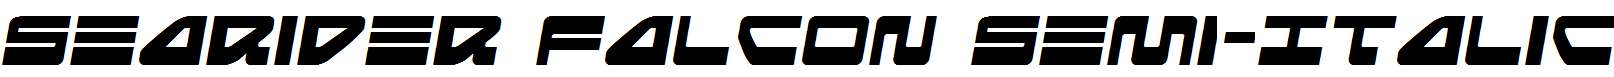 Searider-Falcon-Semi-Italic